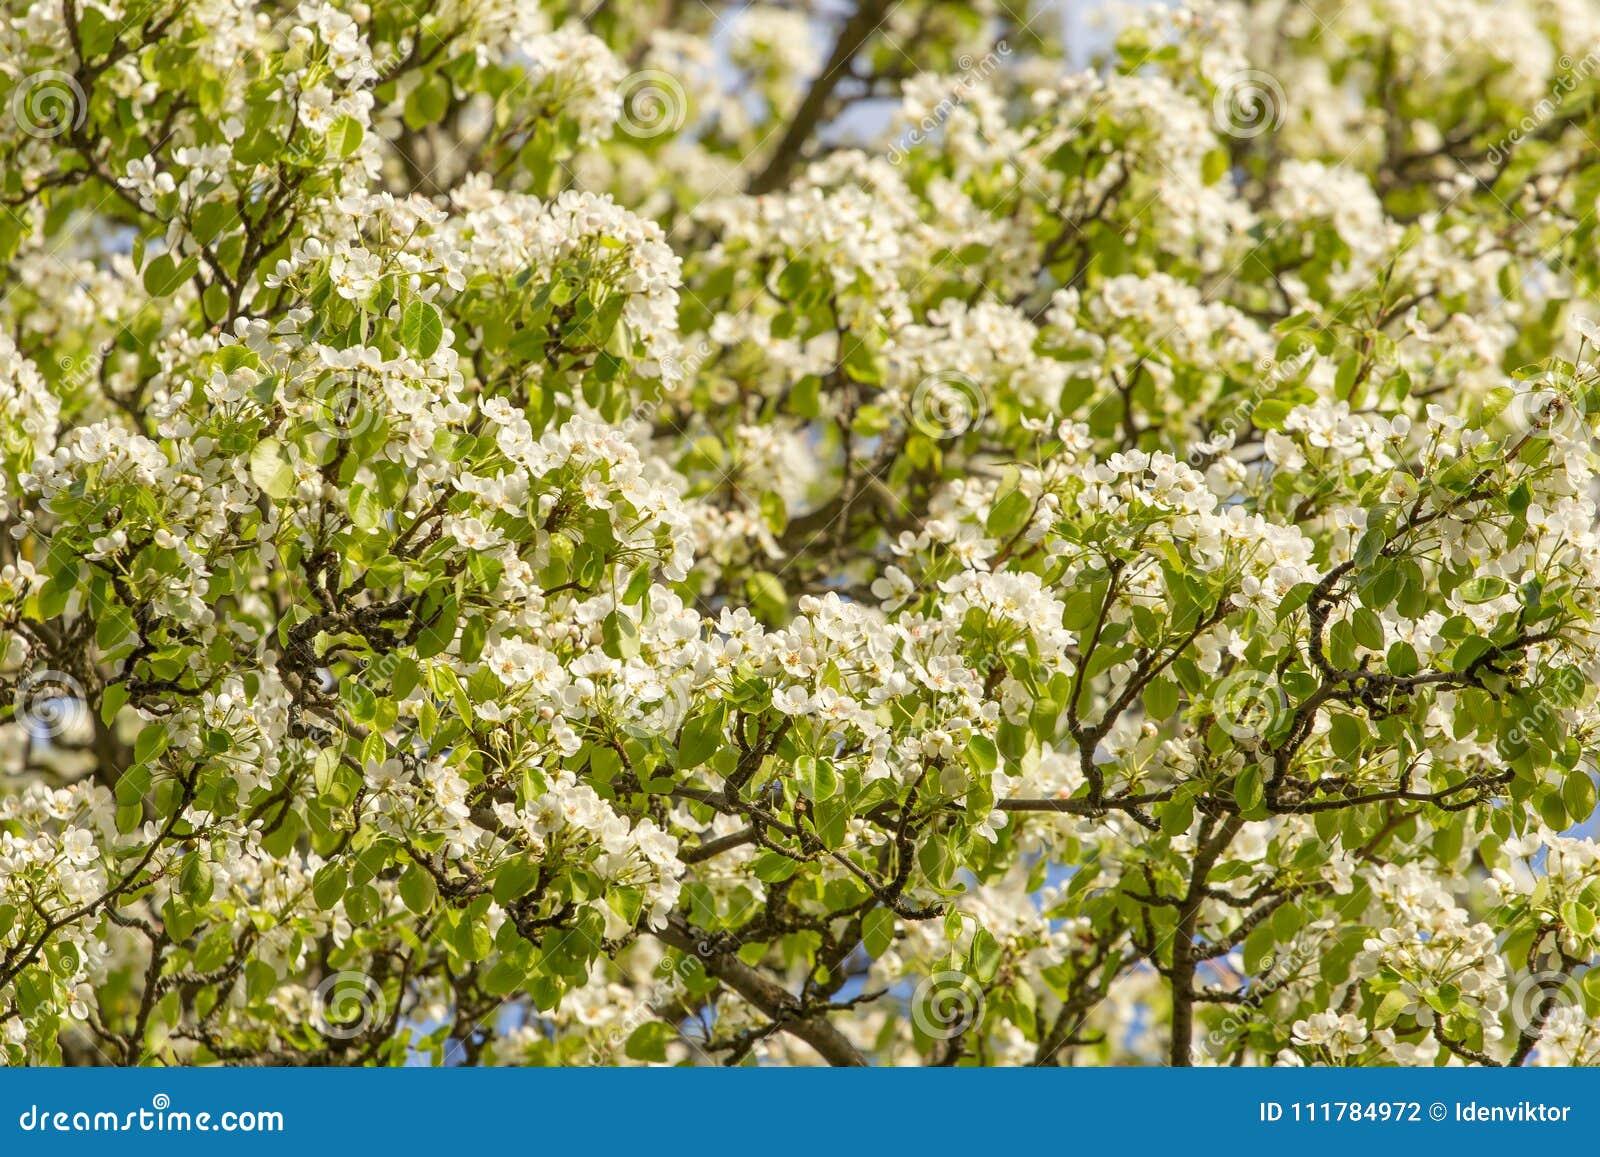 Muchas flores blancas en rama de peral en el jardín